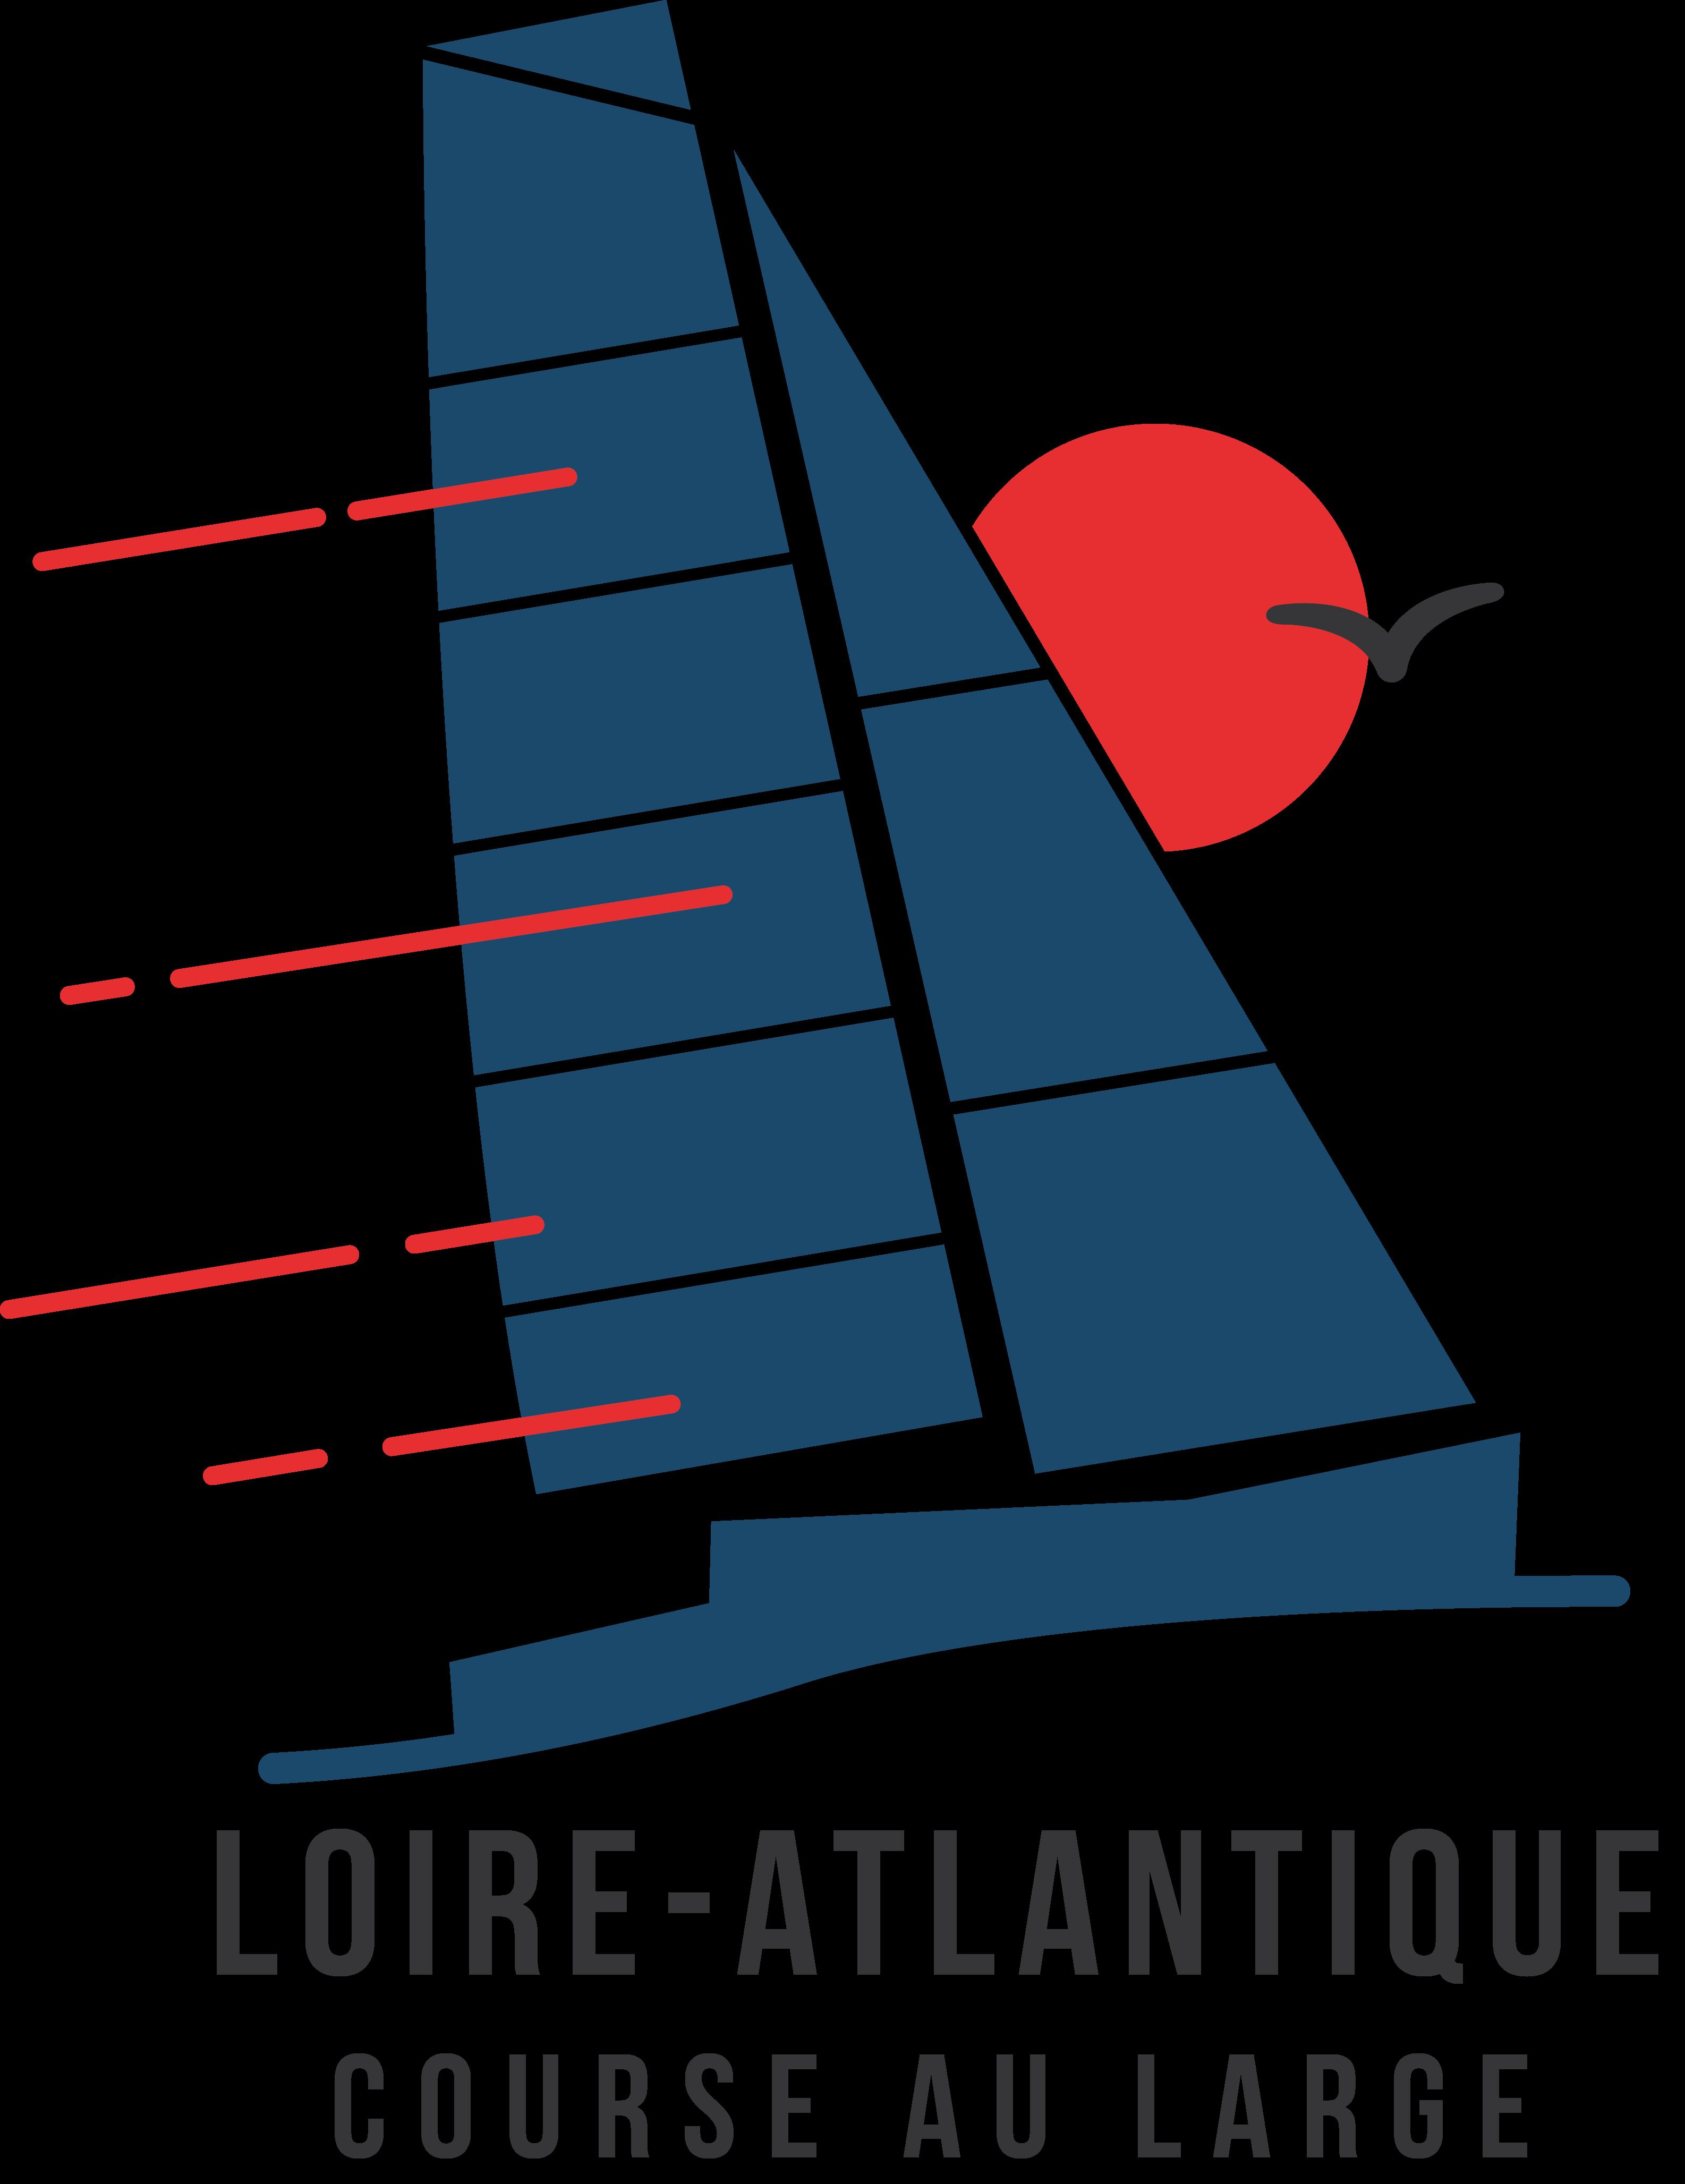 LOIRE-ATLANTIQUE COURSE AU LARGE